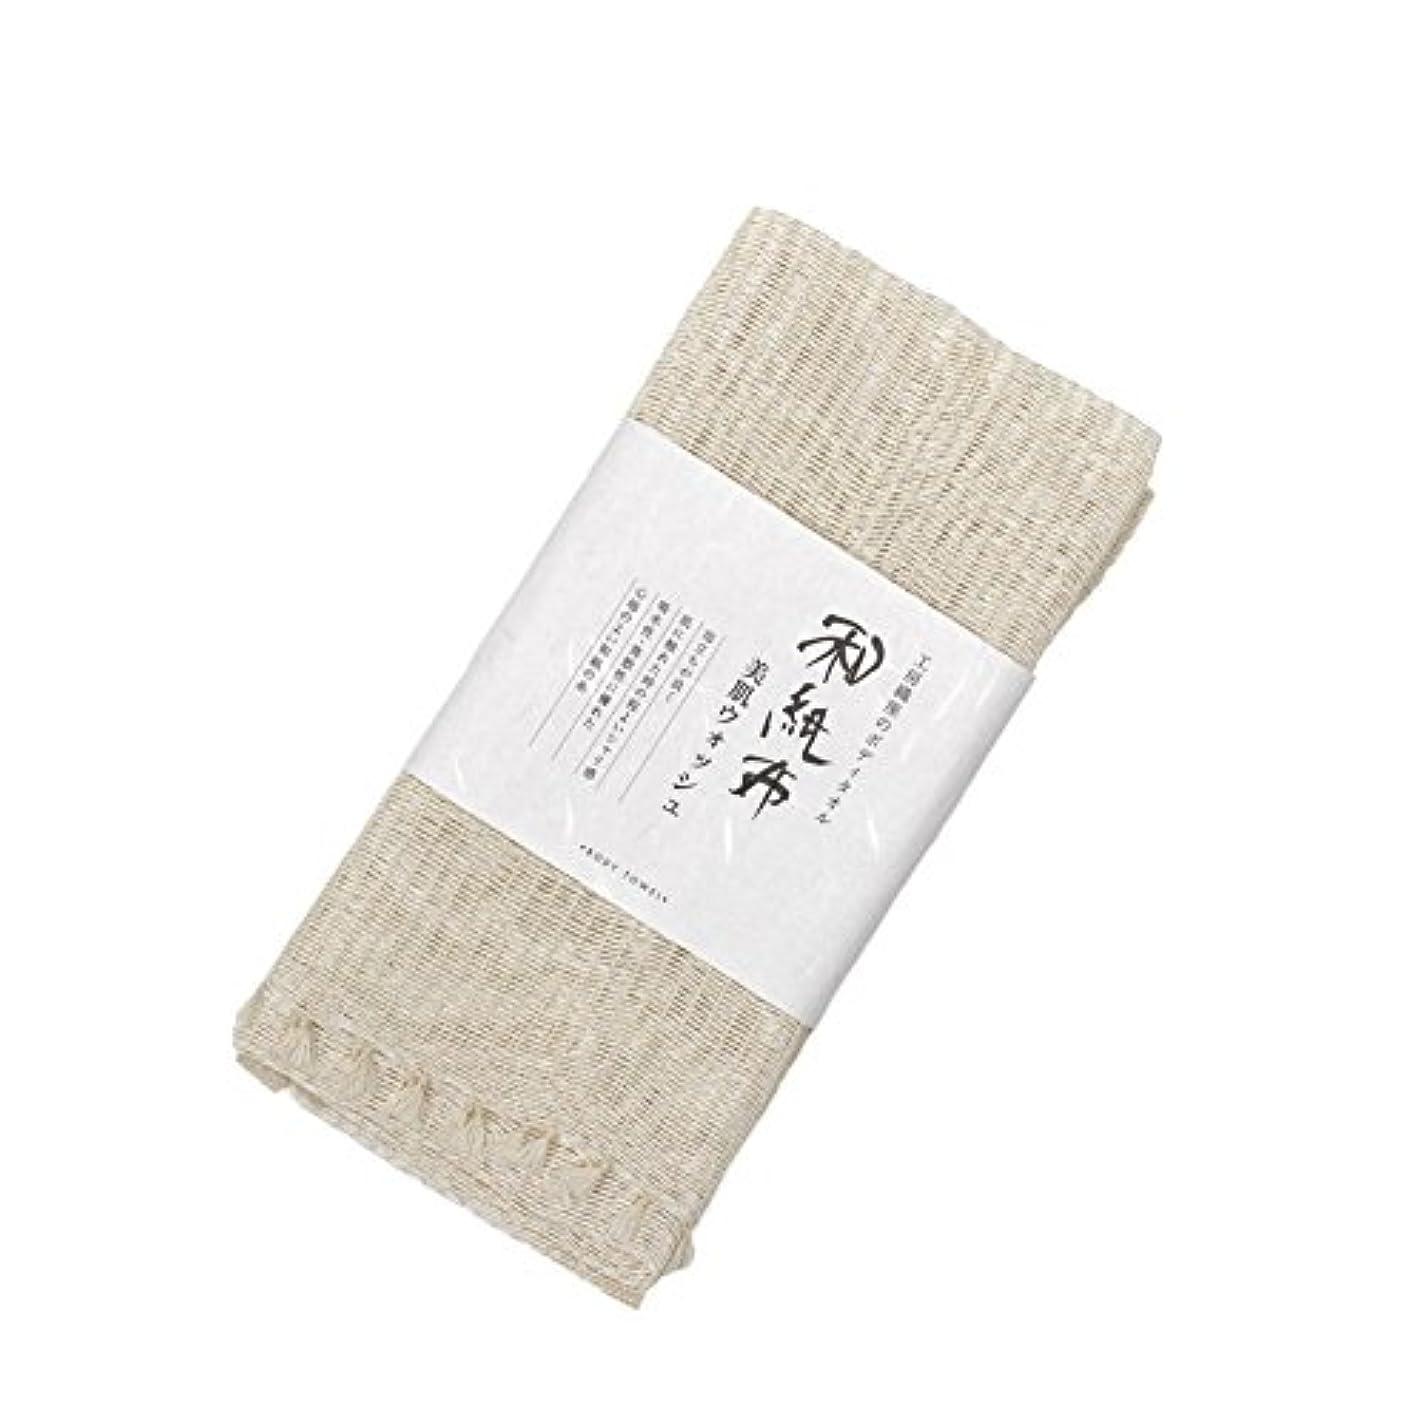 素子ナプキン偽今治産 ボディタオル 和紙布美肌ウォッシュ 工房織座 (ホワイト)